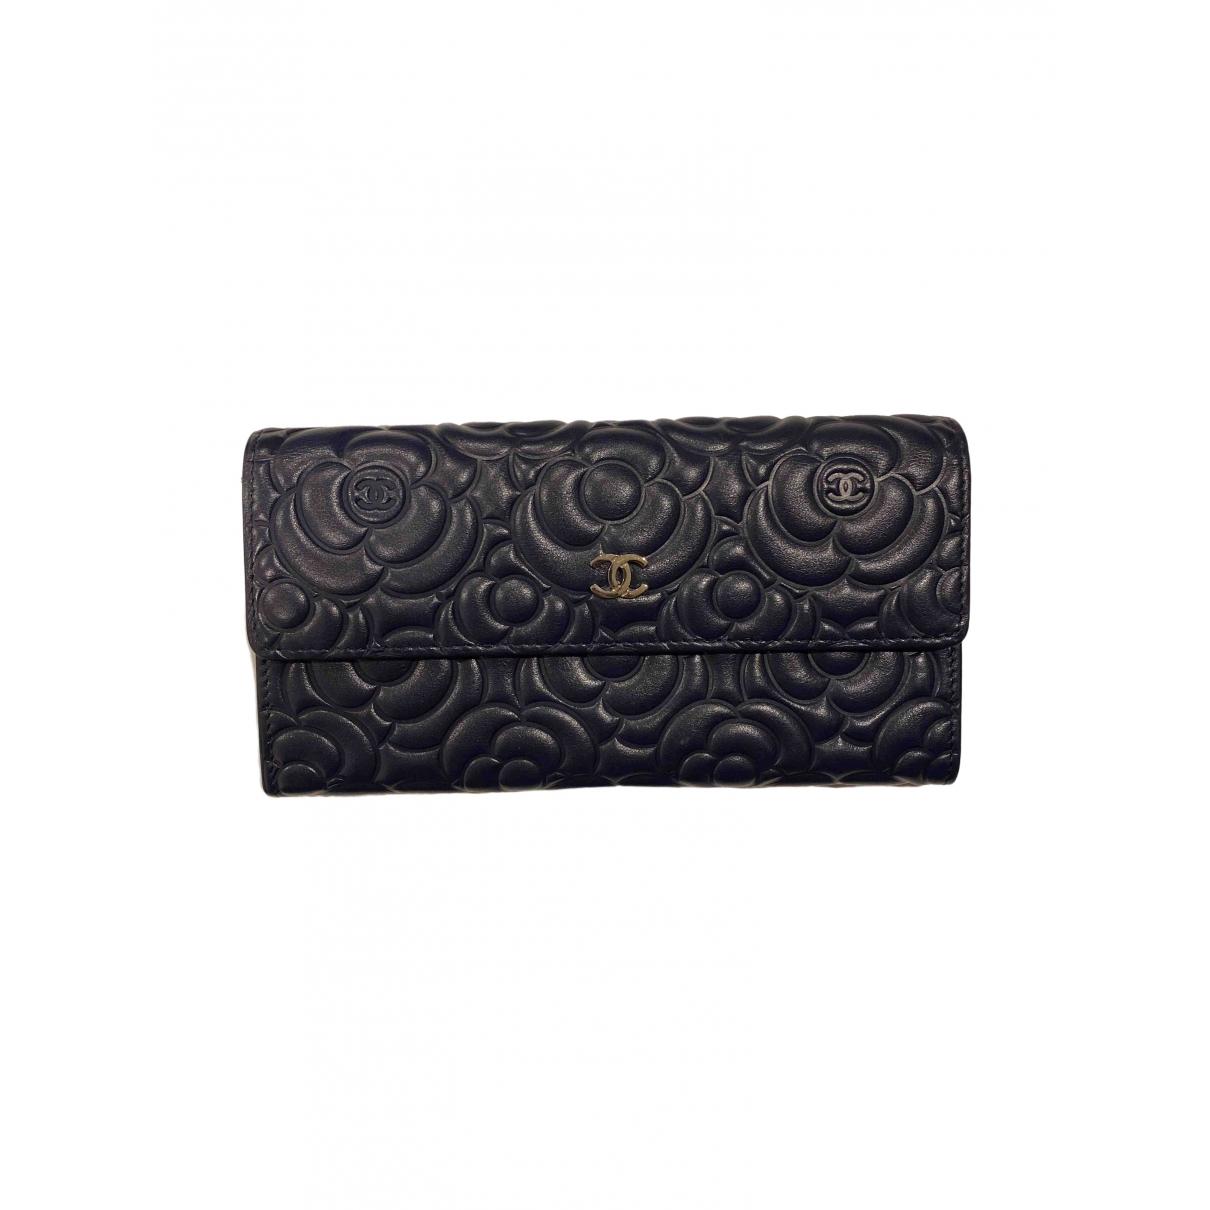 Chanel - Portefeuille Timeless/Classique pour femme en cuir - marine